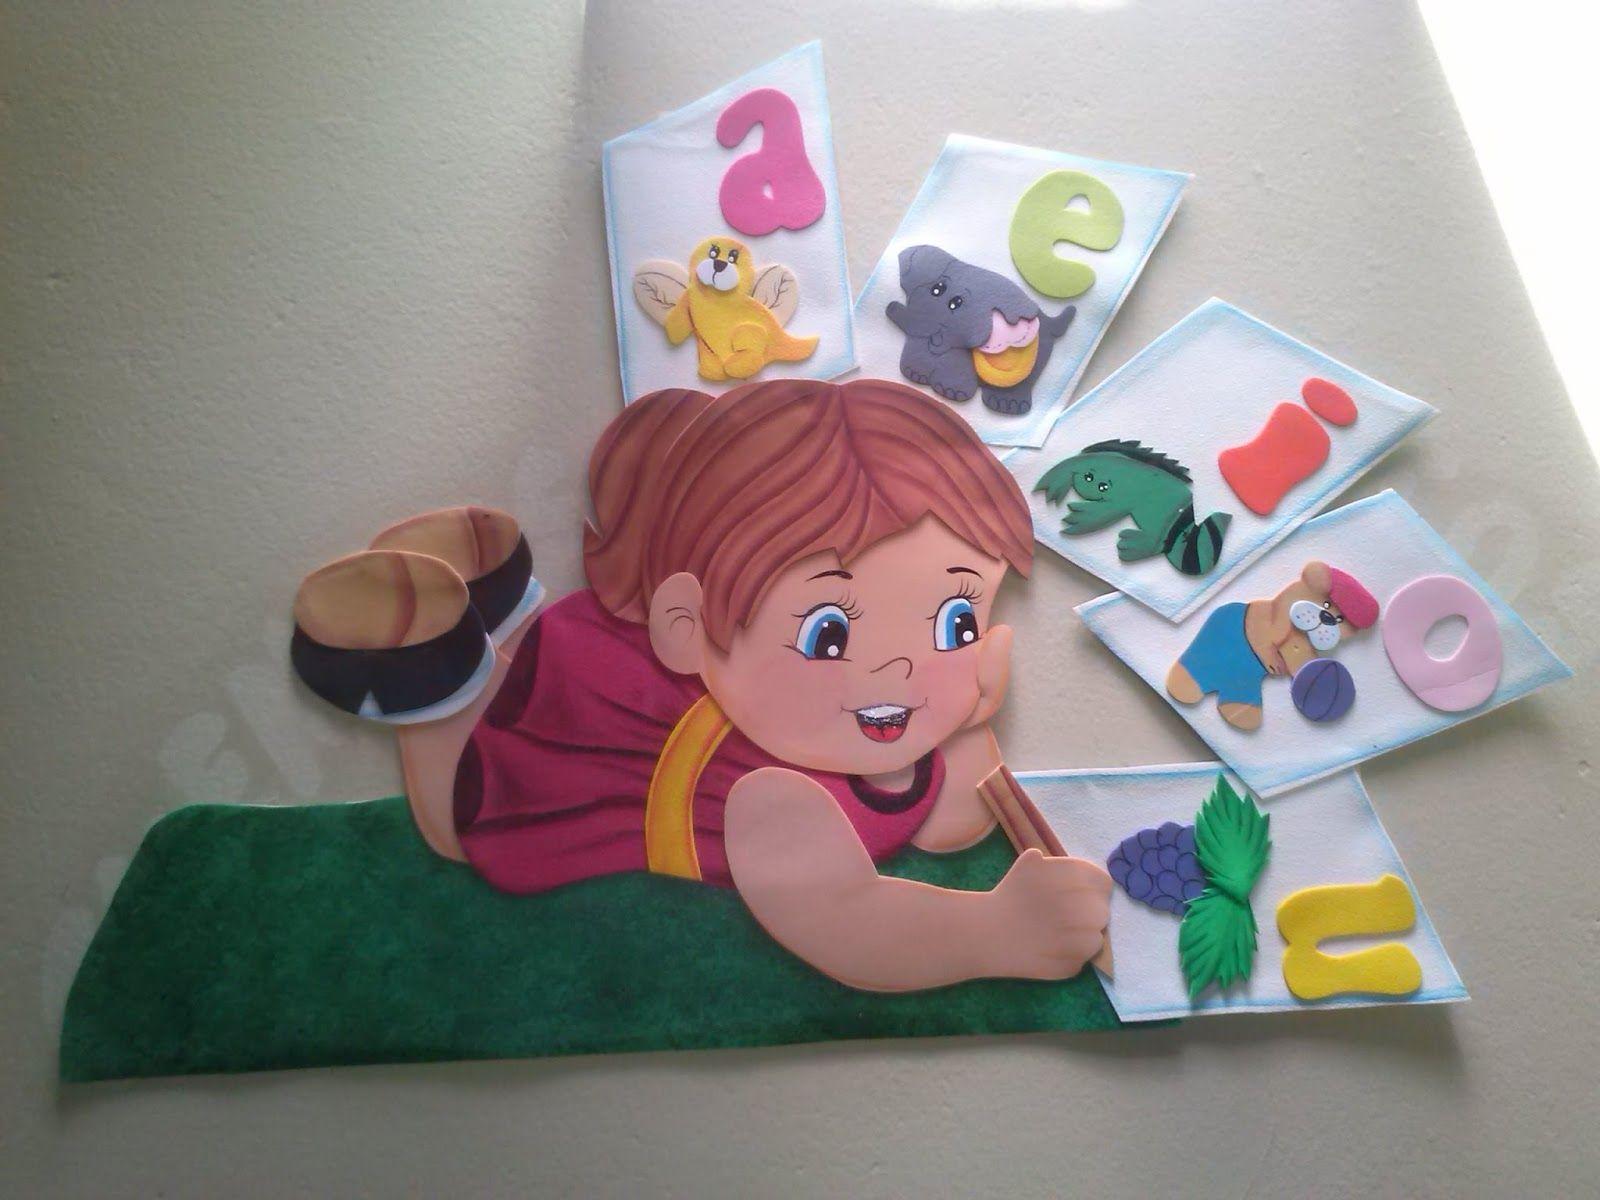 Simp ticos carteles elaborados en goma eva para decorar el - Decorar paredes infantiles con goma eva ...